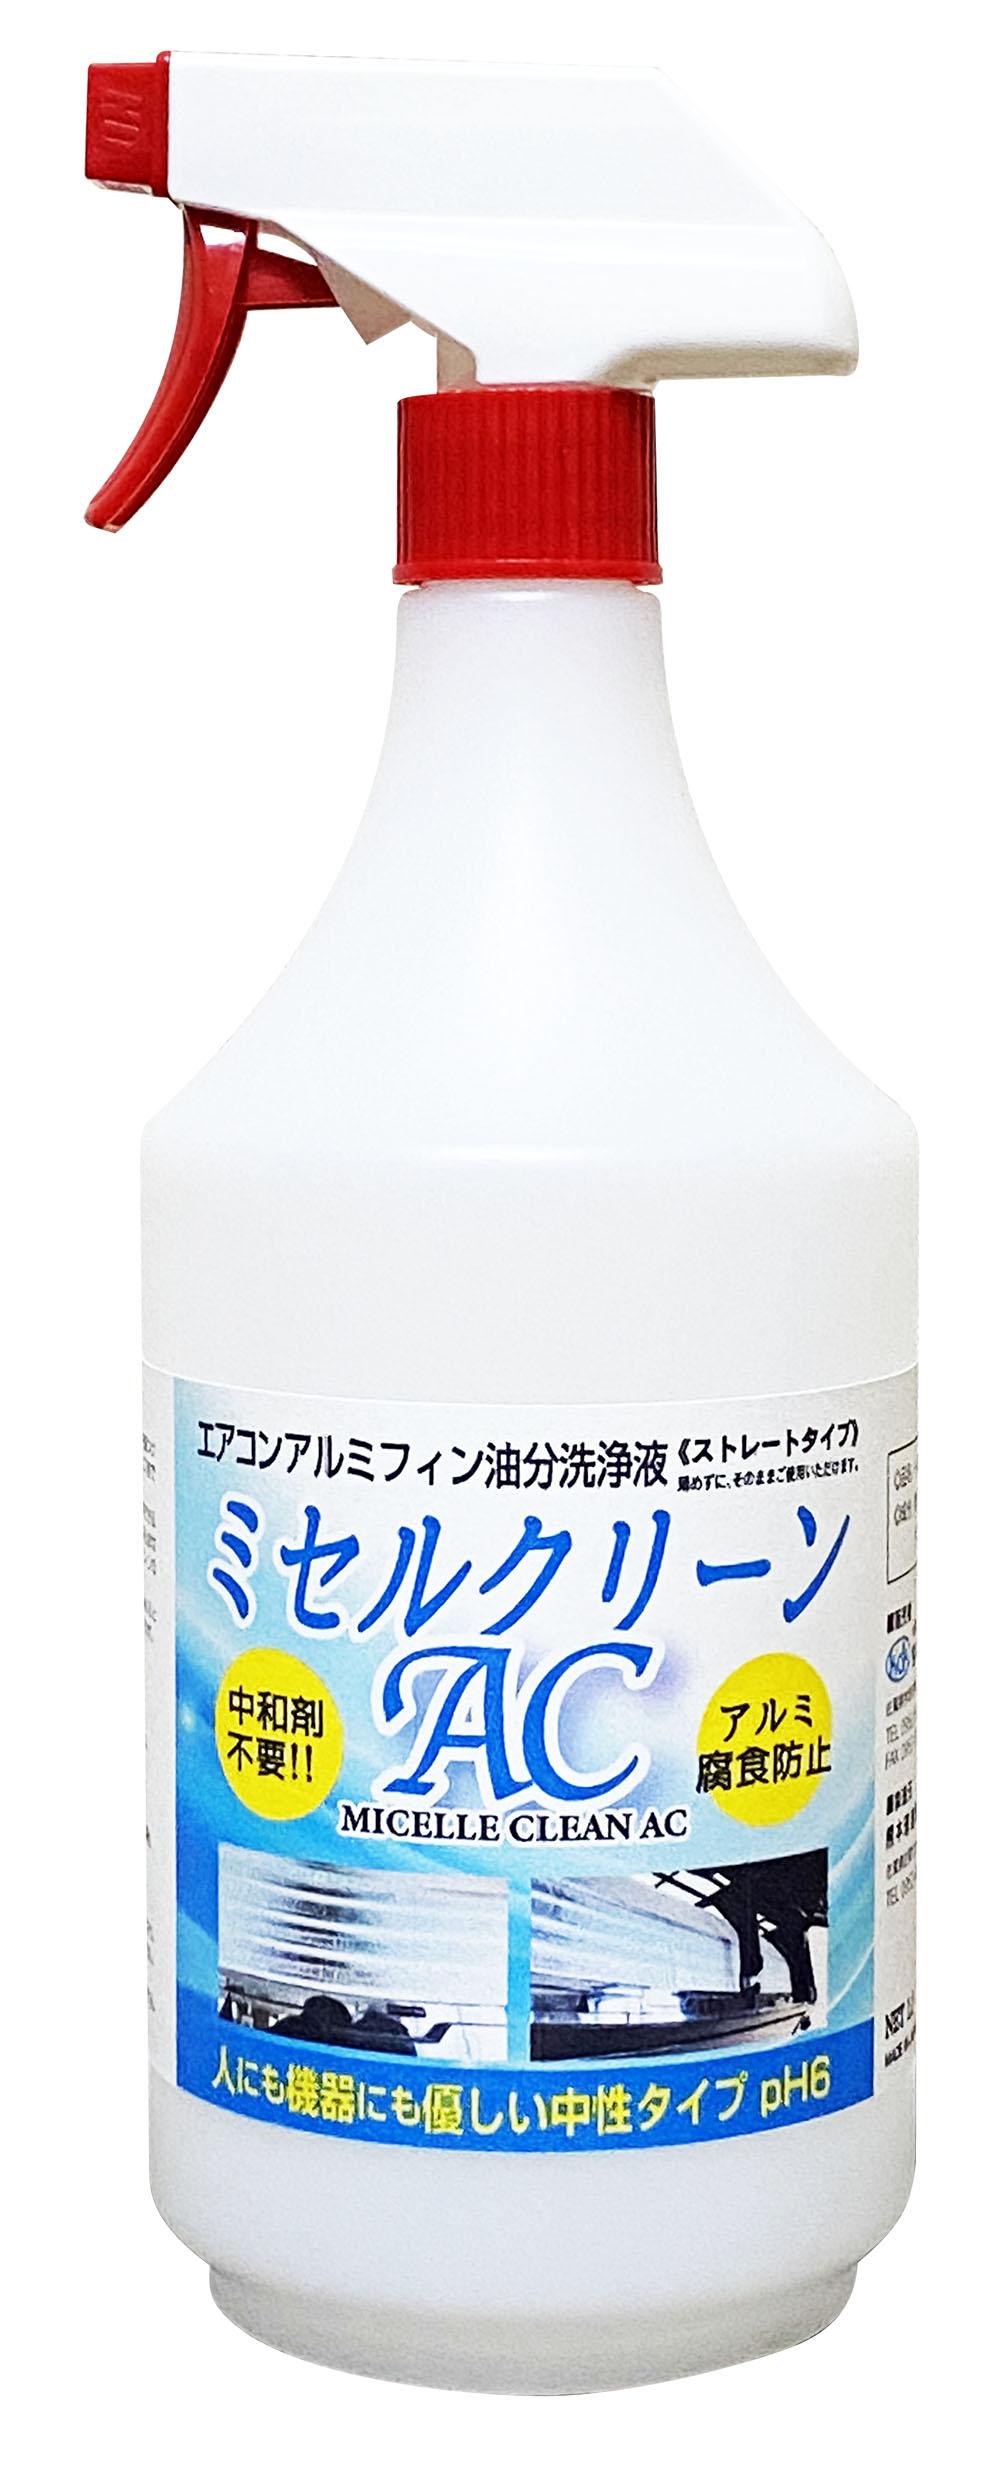 エアコンアルミフィン油分洗浄液 (ミセルクリーンAC)中性 ㏗6